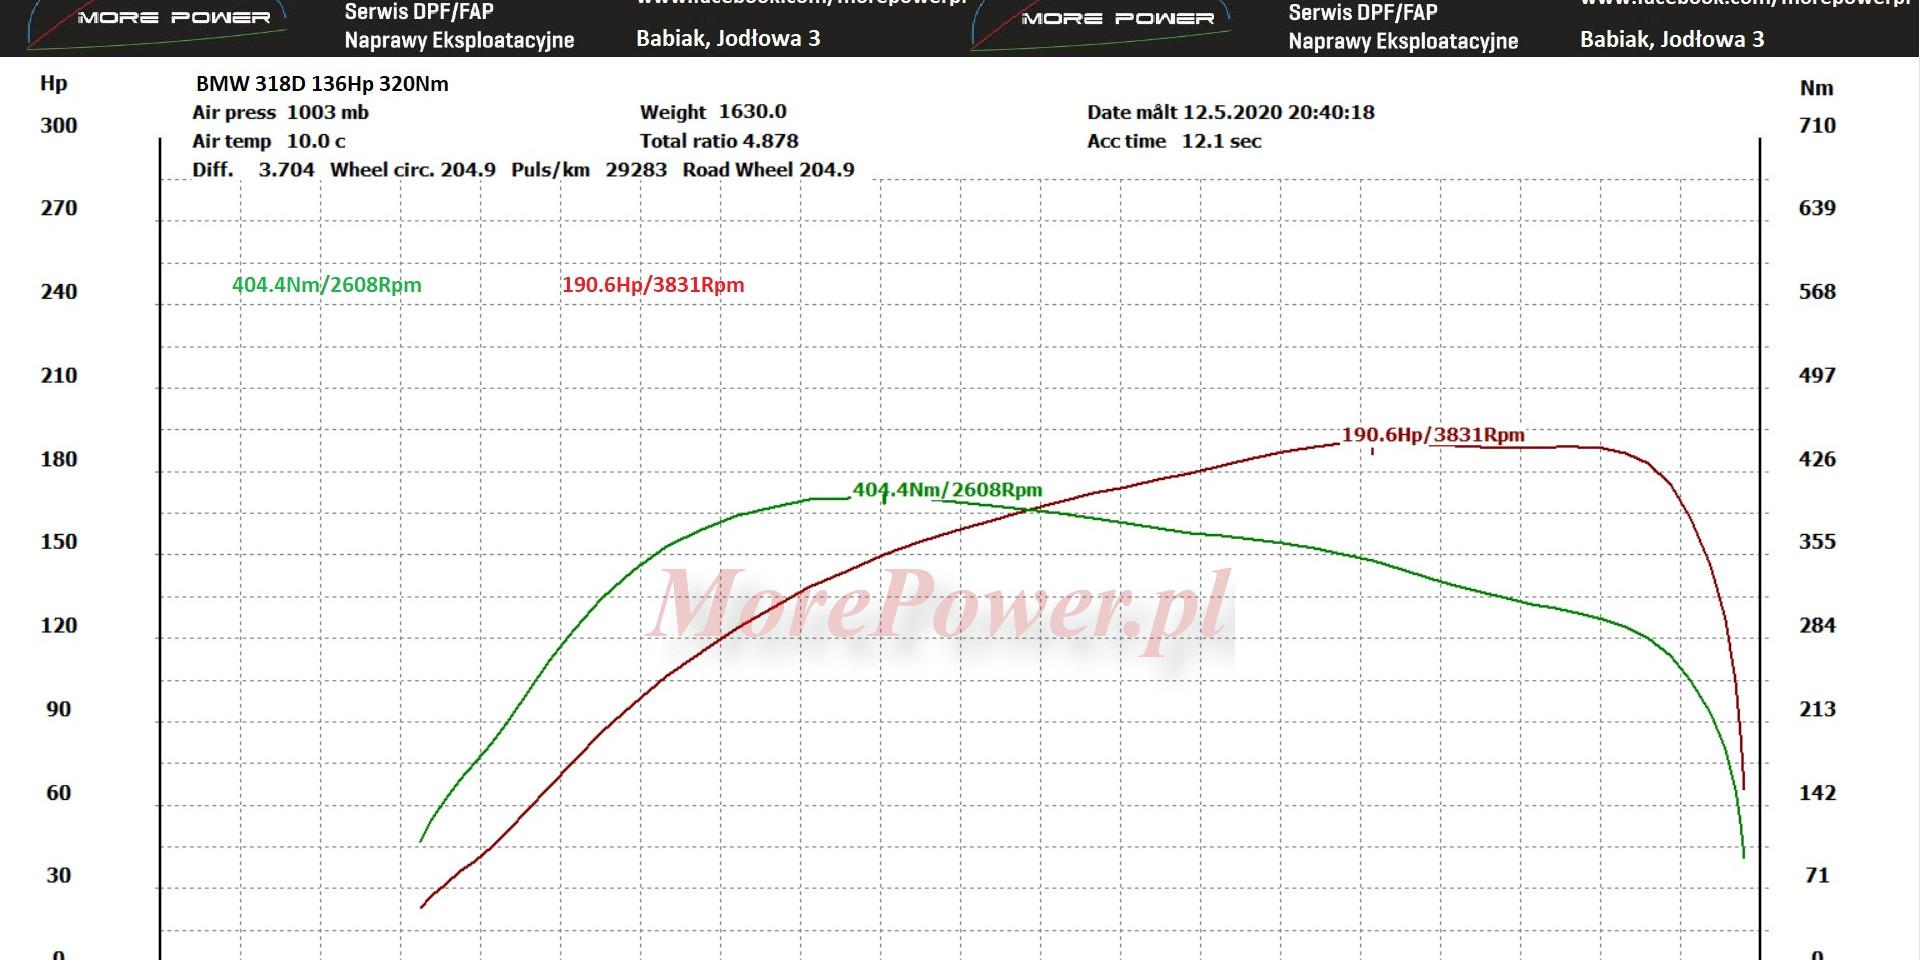 BMW F31 318D 136HP -> 190.6Hp 404.4Nm